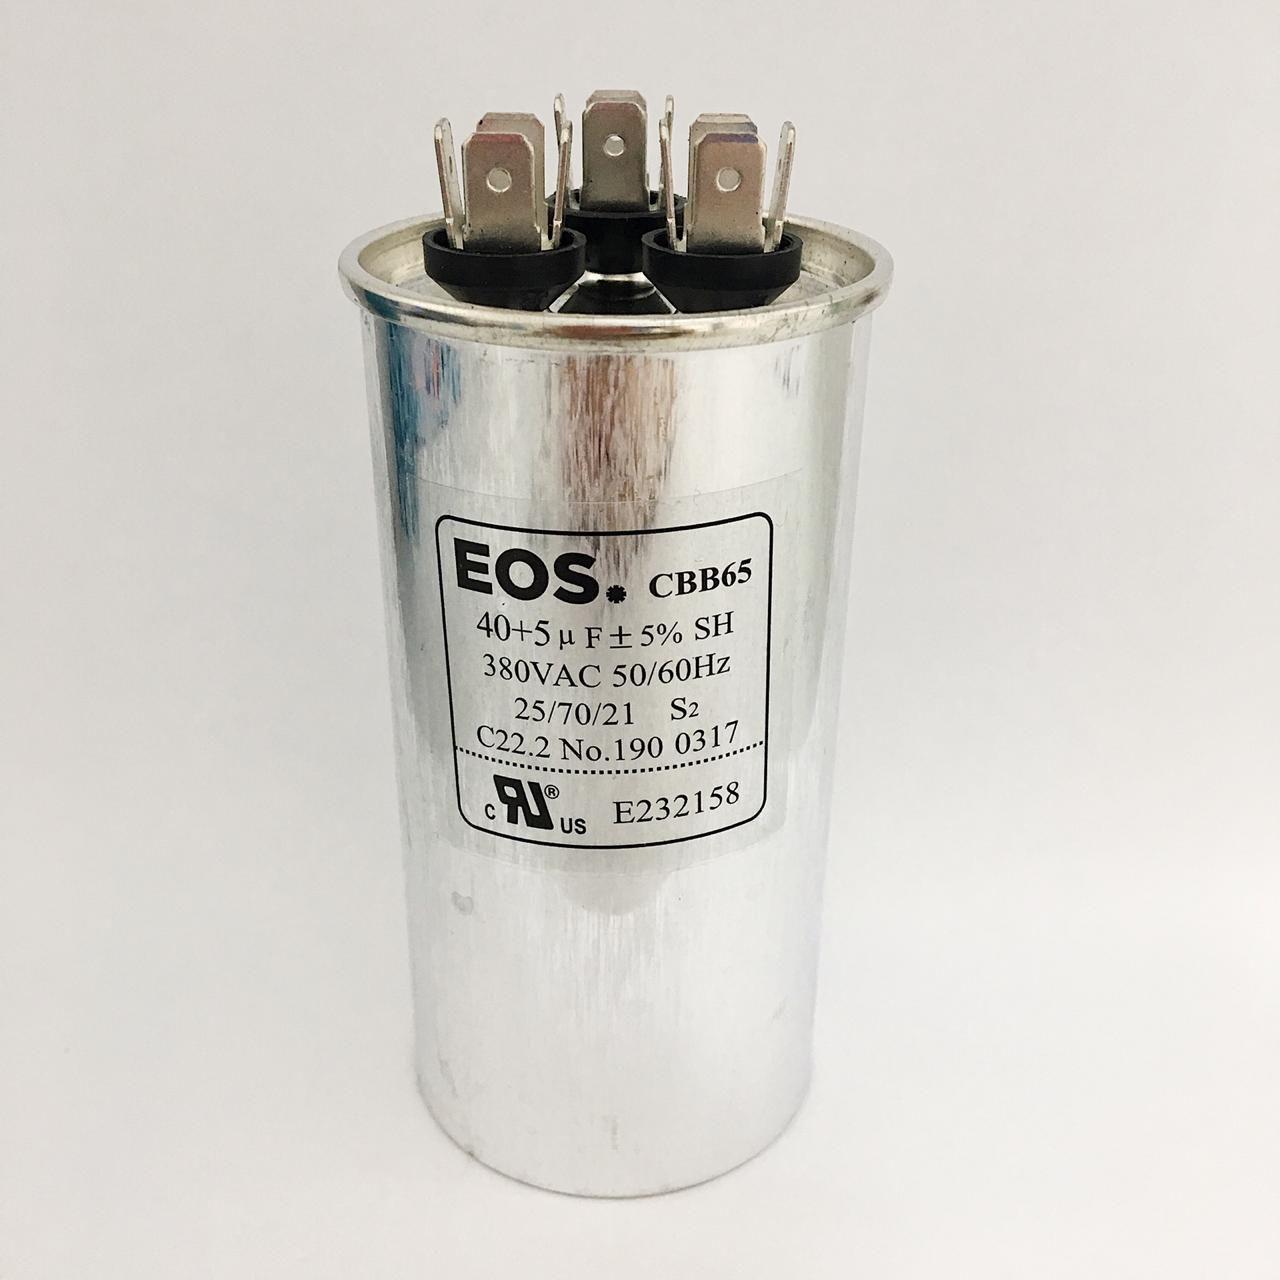 Capacitor 40+5 MFD 380V 50/60HZ